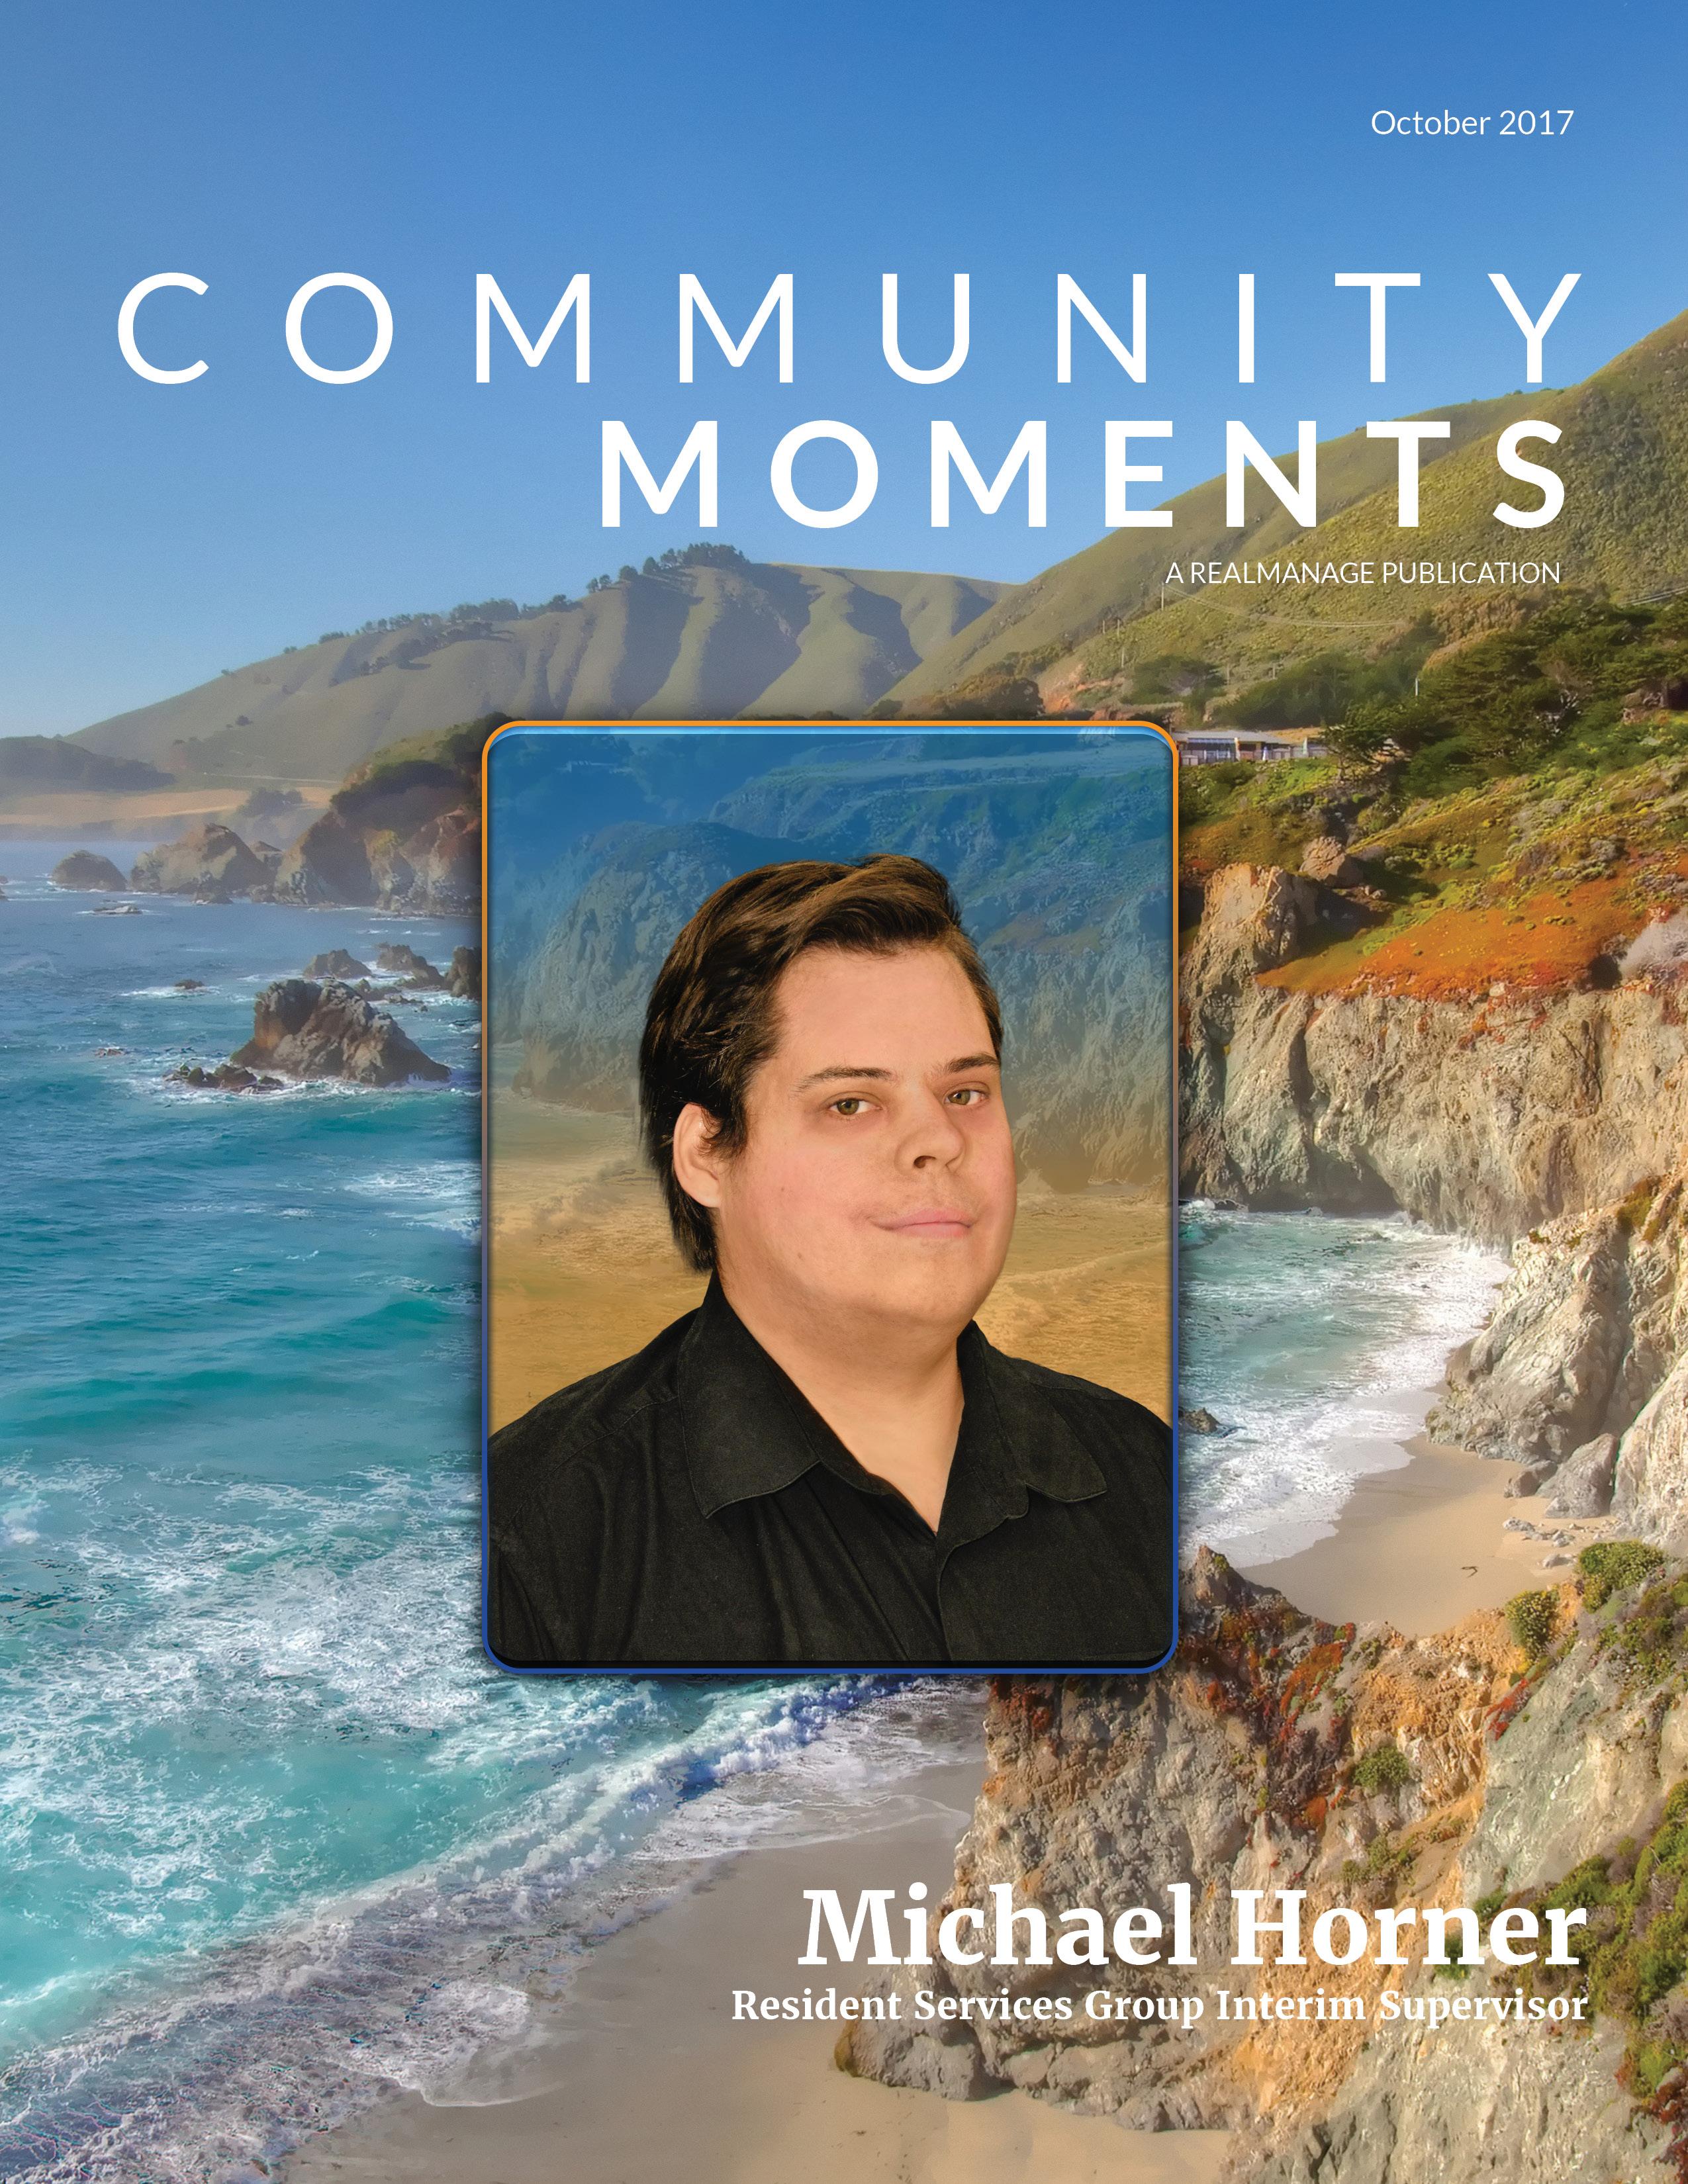 October 2017, Community Moments Magazine